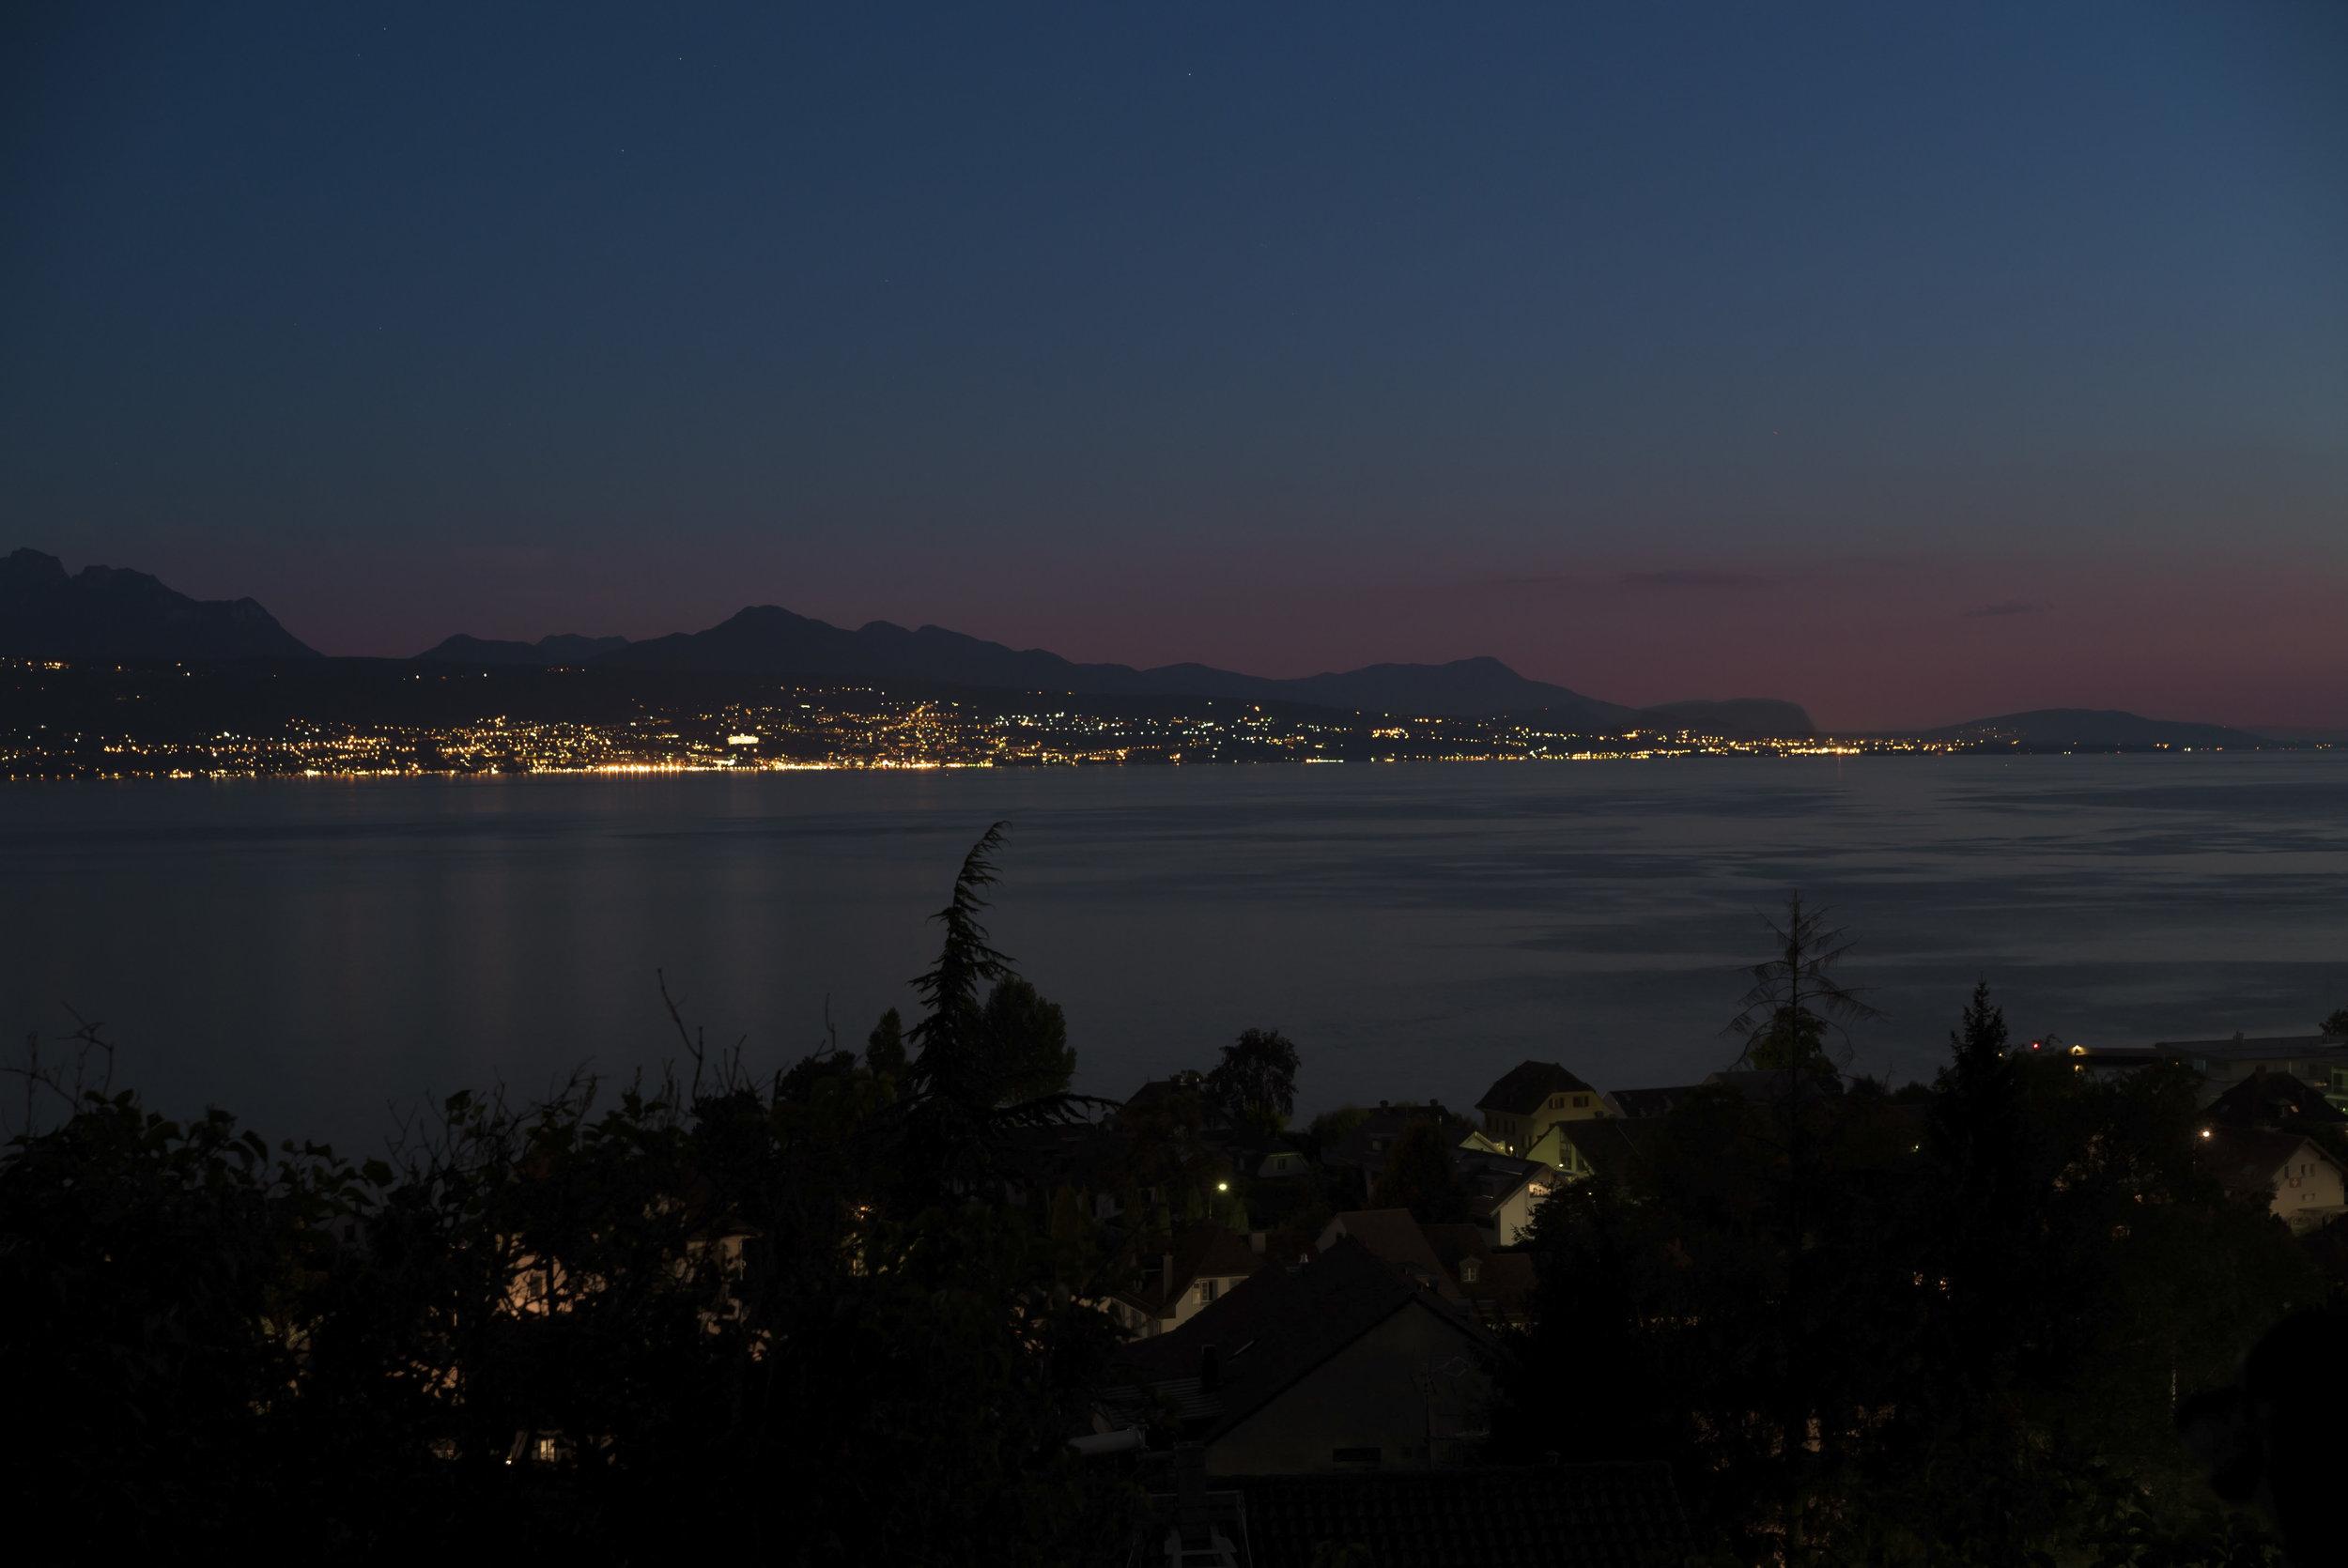 Lac Léman / Lake Geneva at night - Switzerland